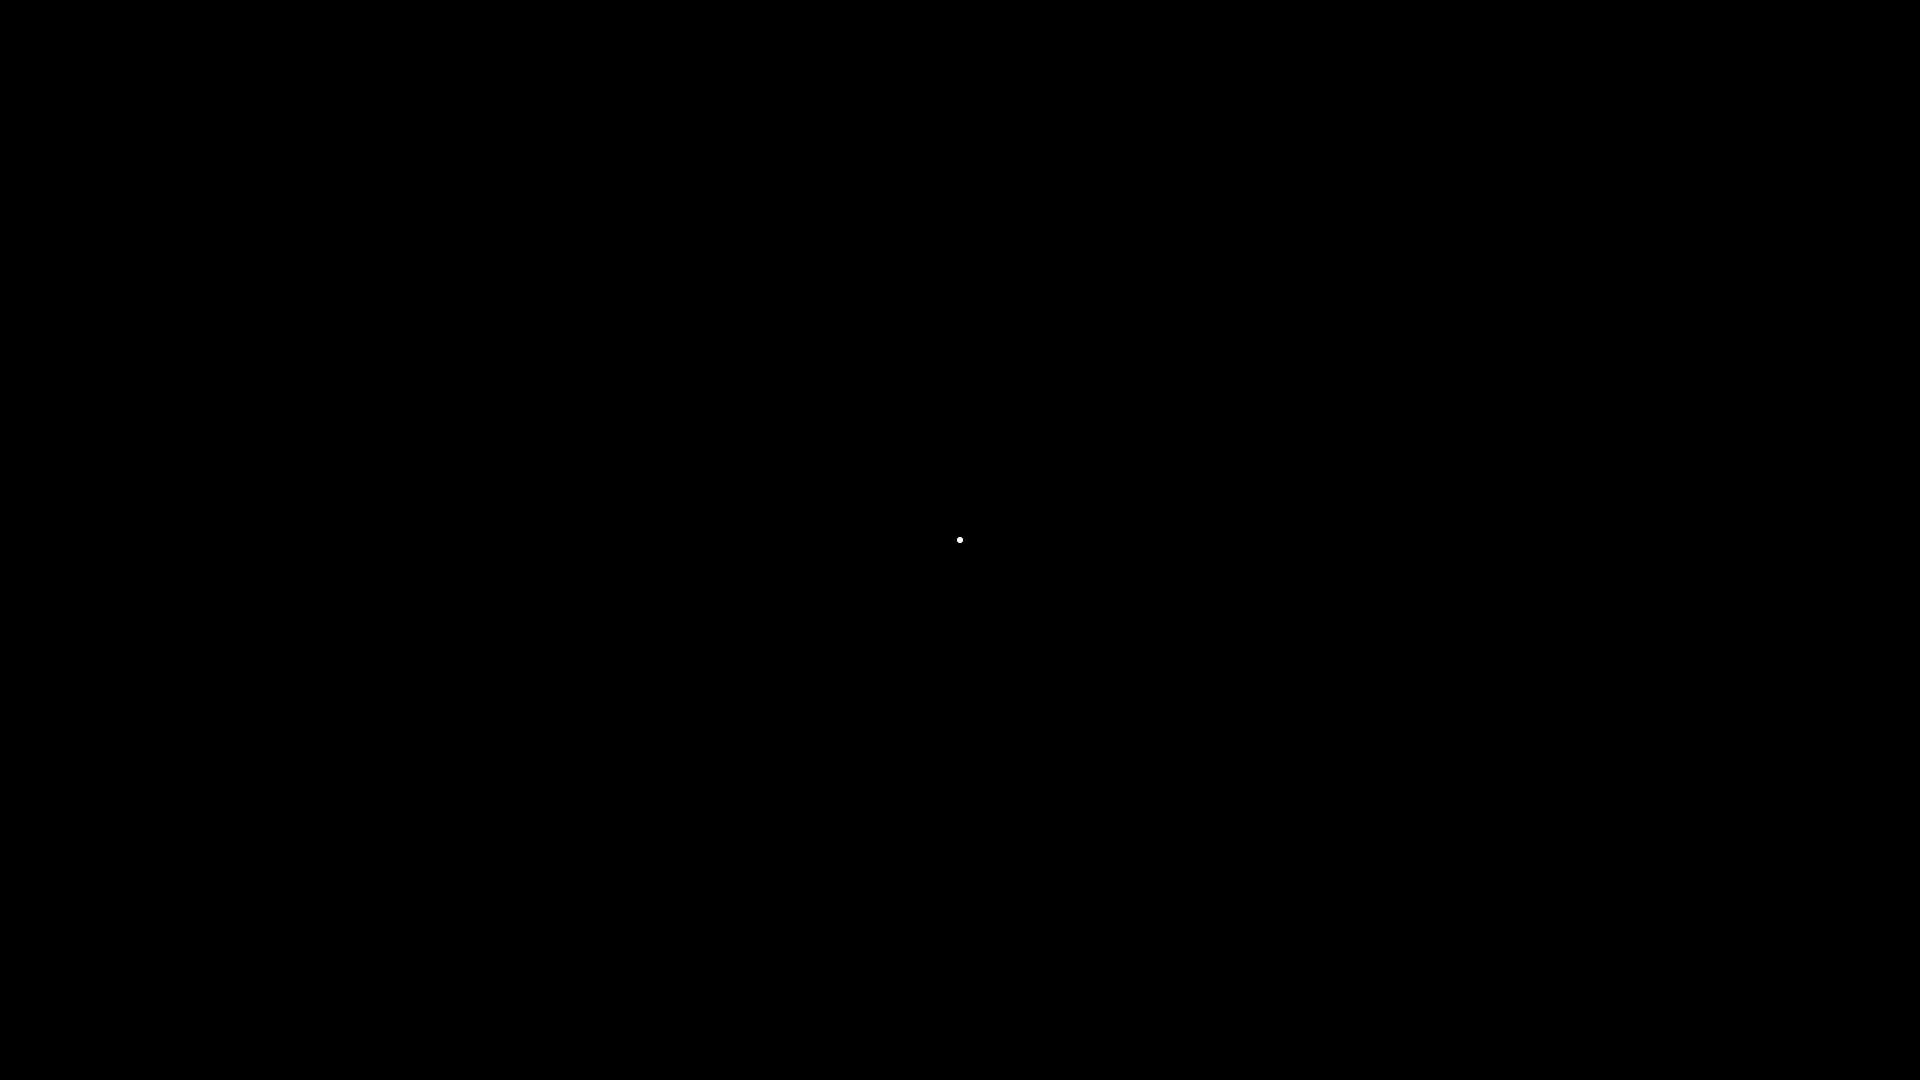 20190522162728_1.jpg